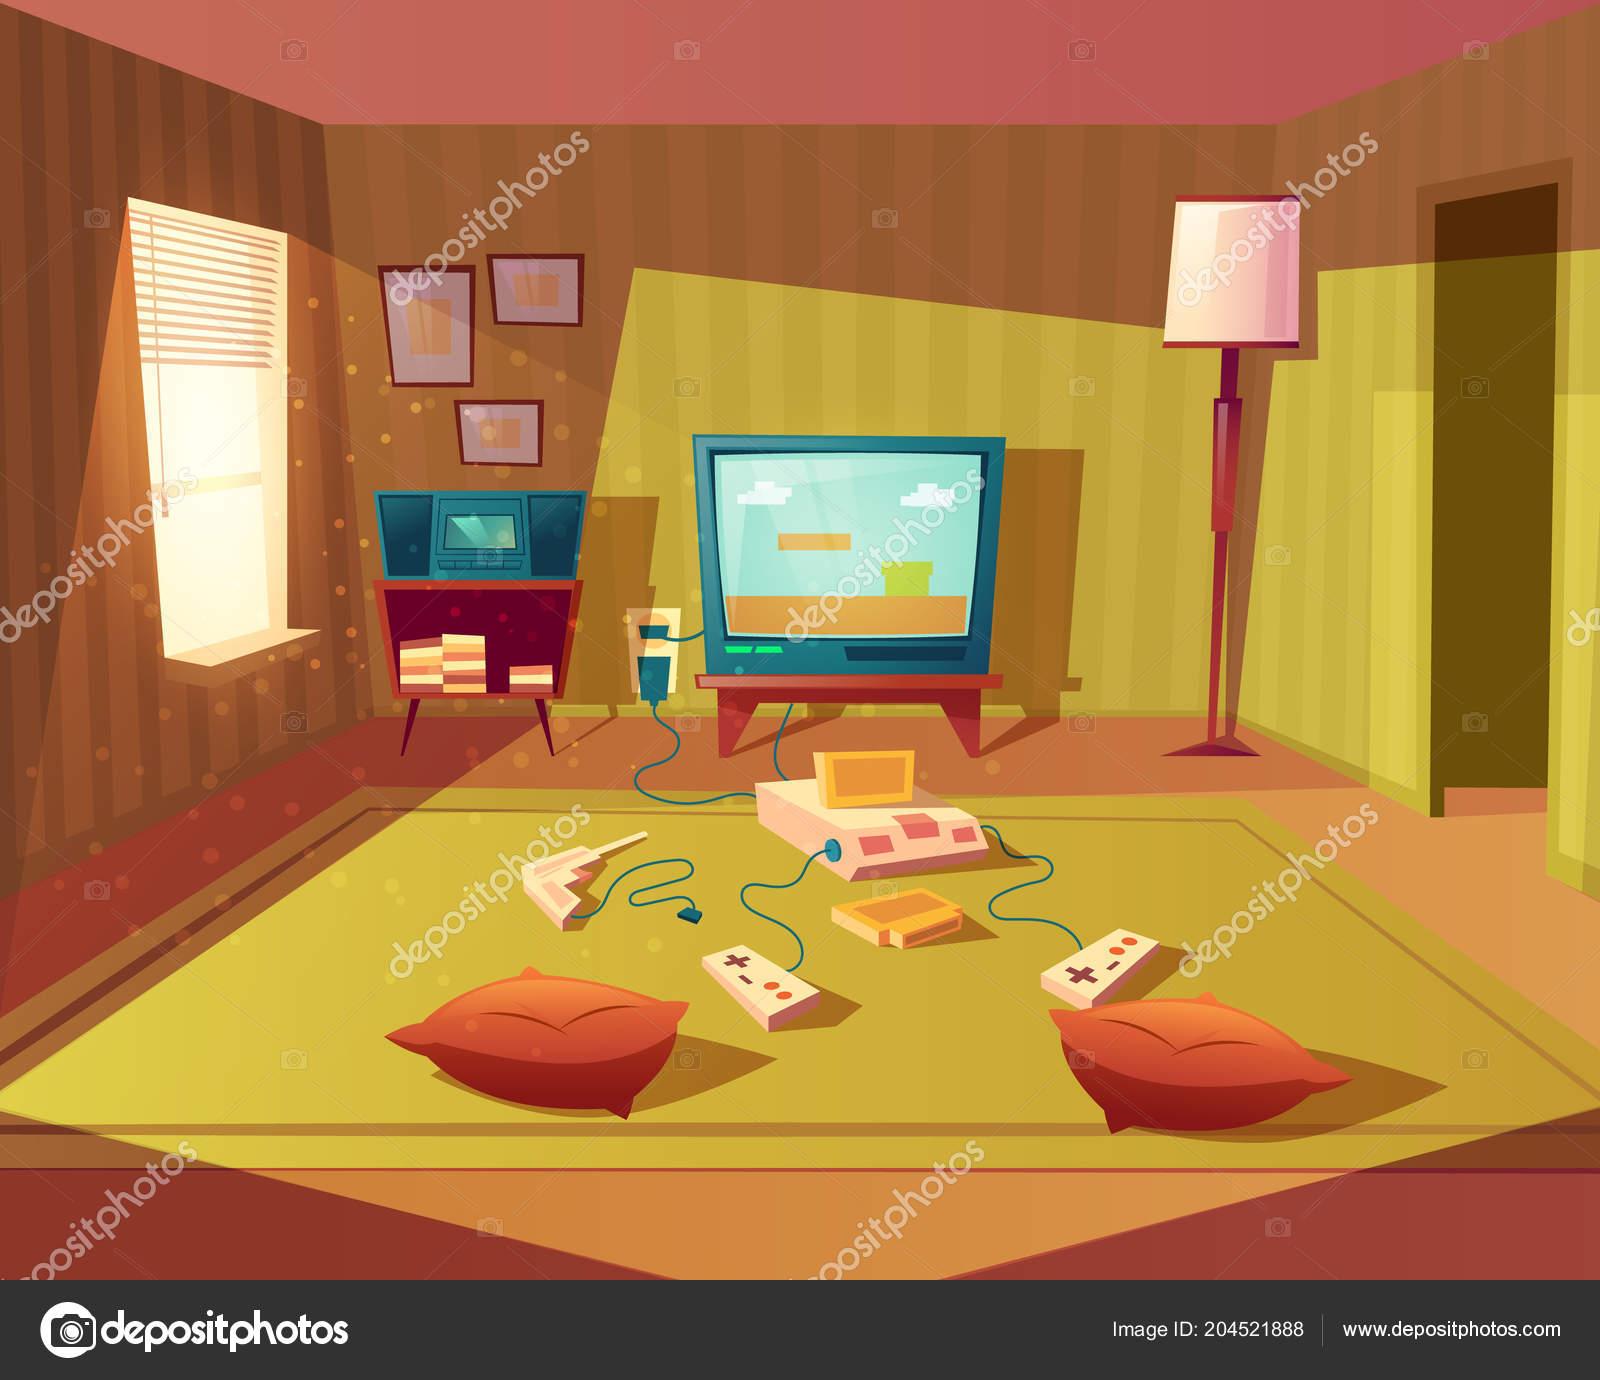 Interior De Dibujos Animados Vector De Sala De Juegos Para Ninos - Sala-juegos-nios